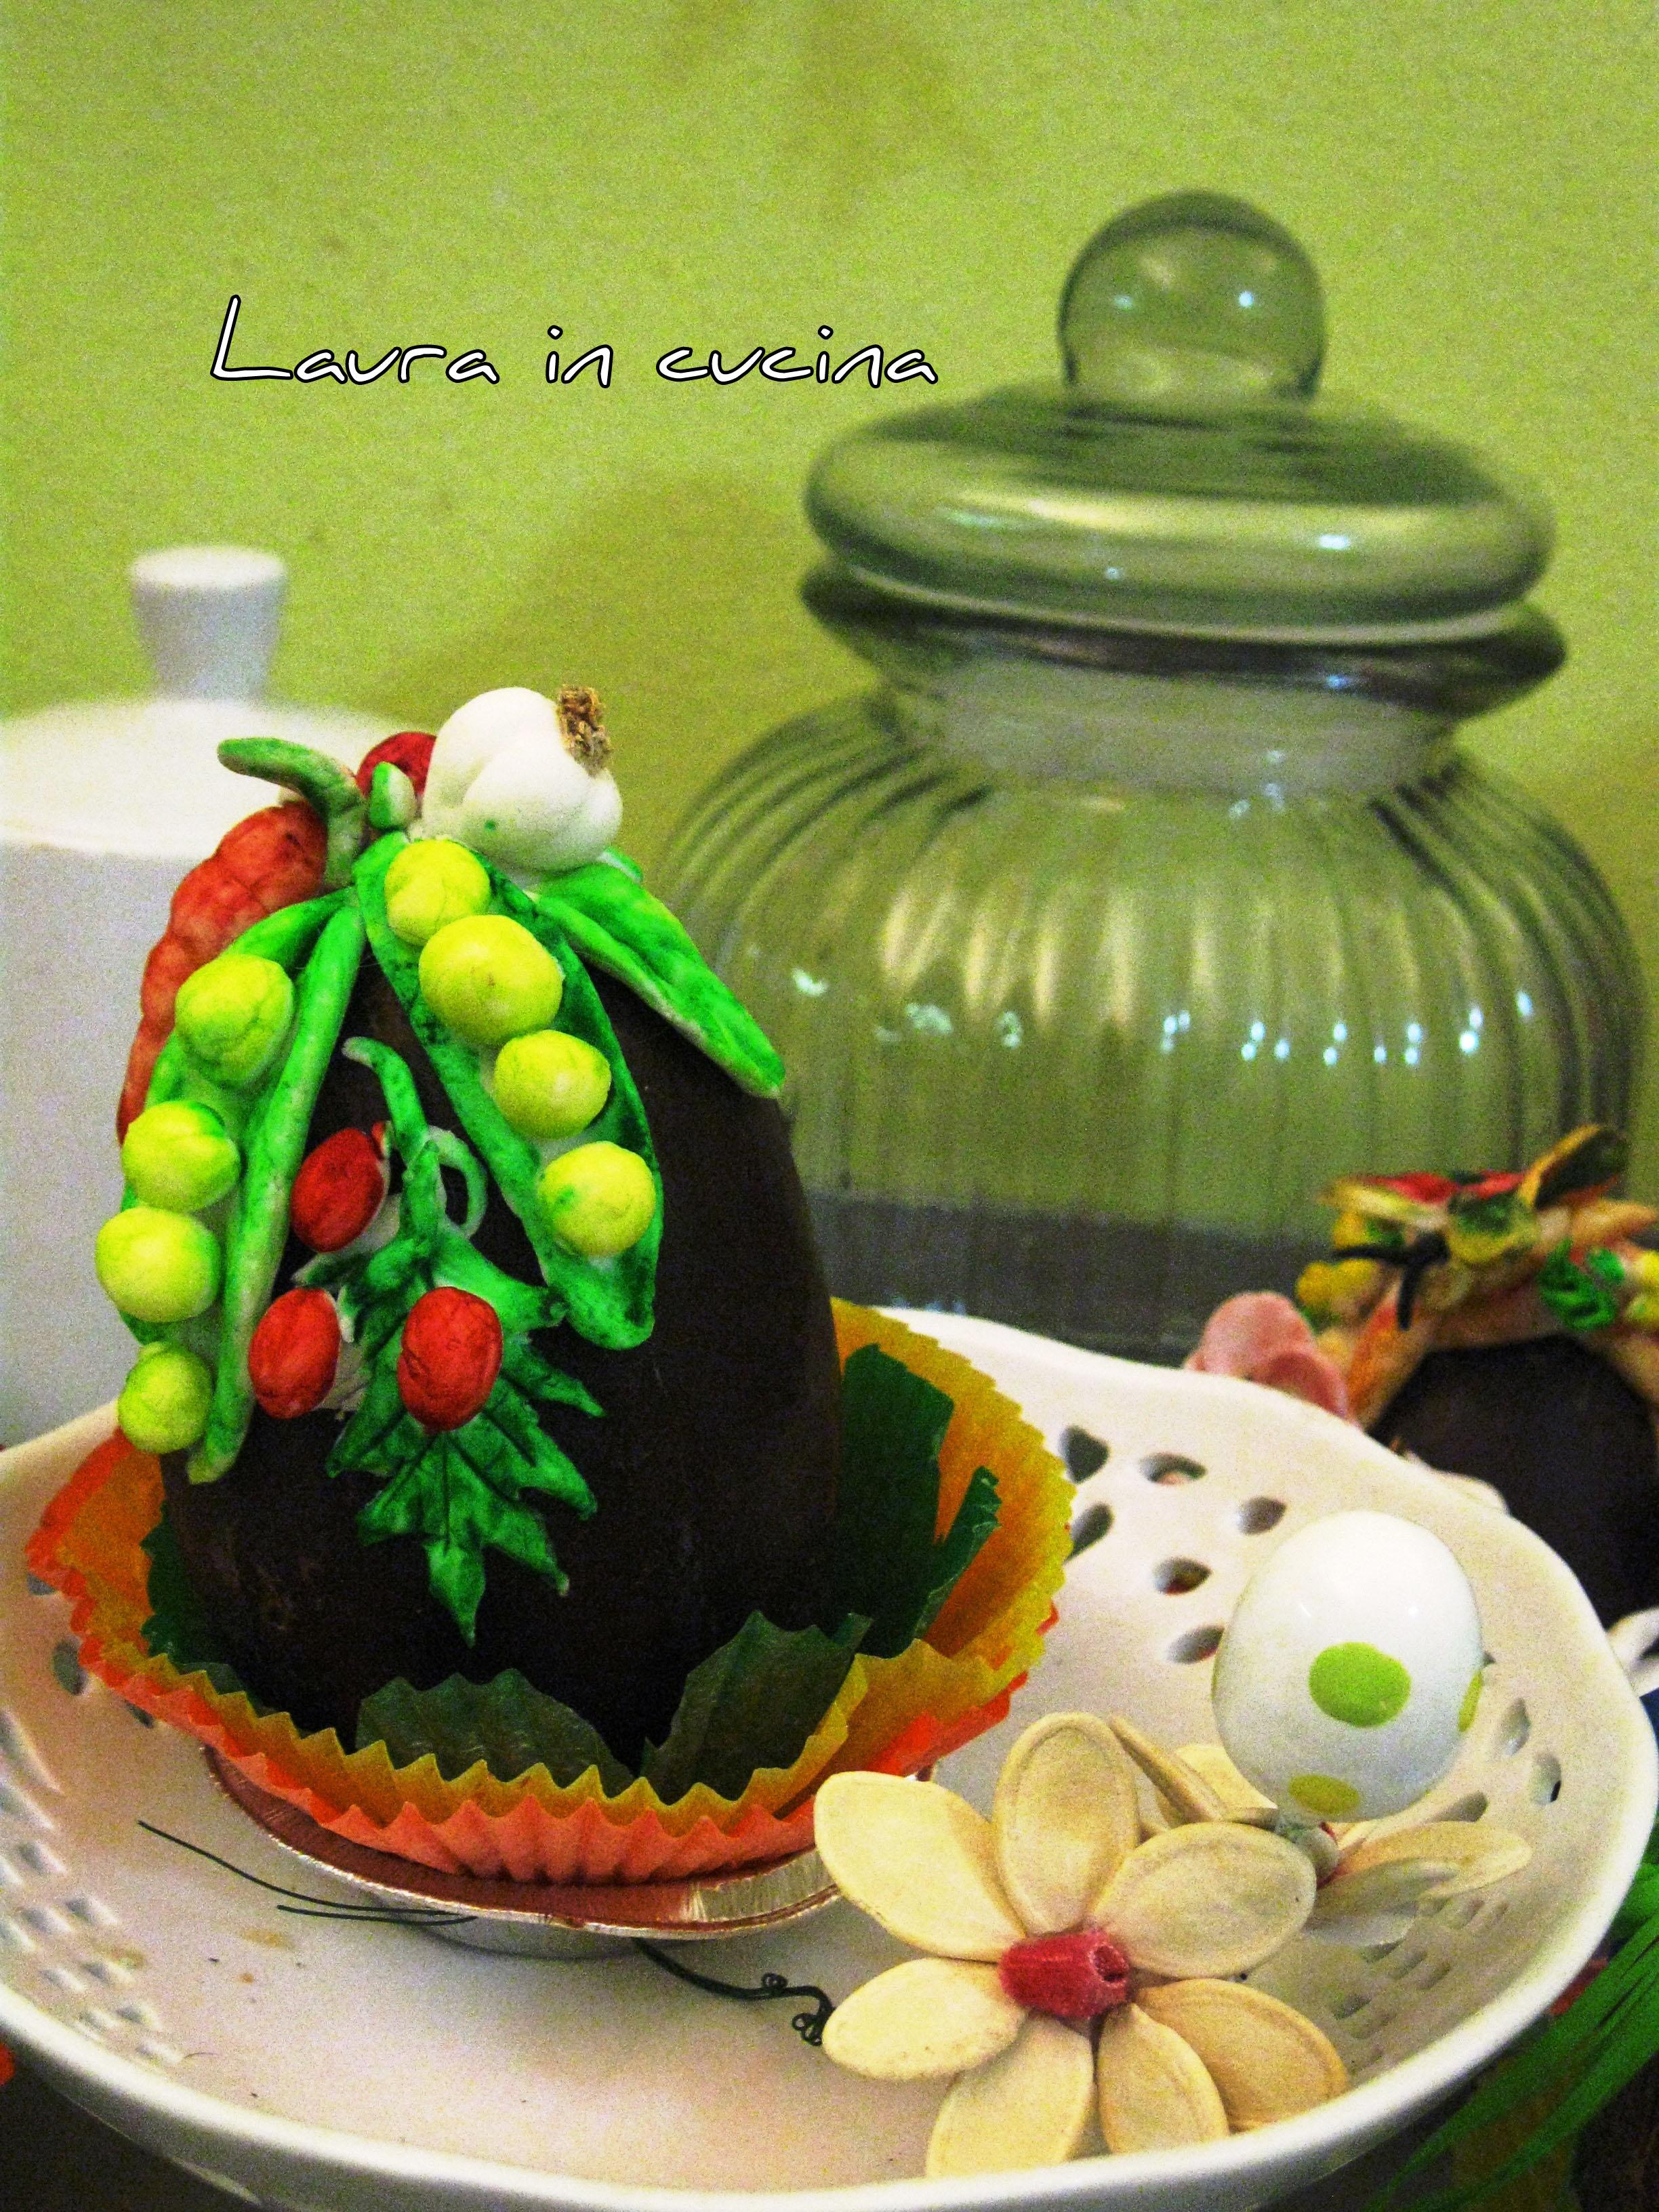 Uova di cioccolato decorate ricetta fai da te laura in cucina - Uova di pasqua decorate ...